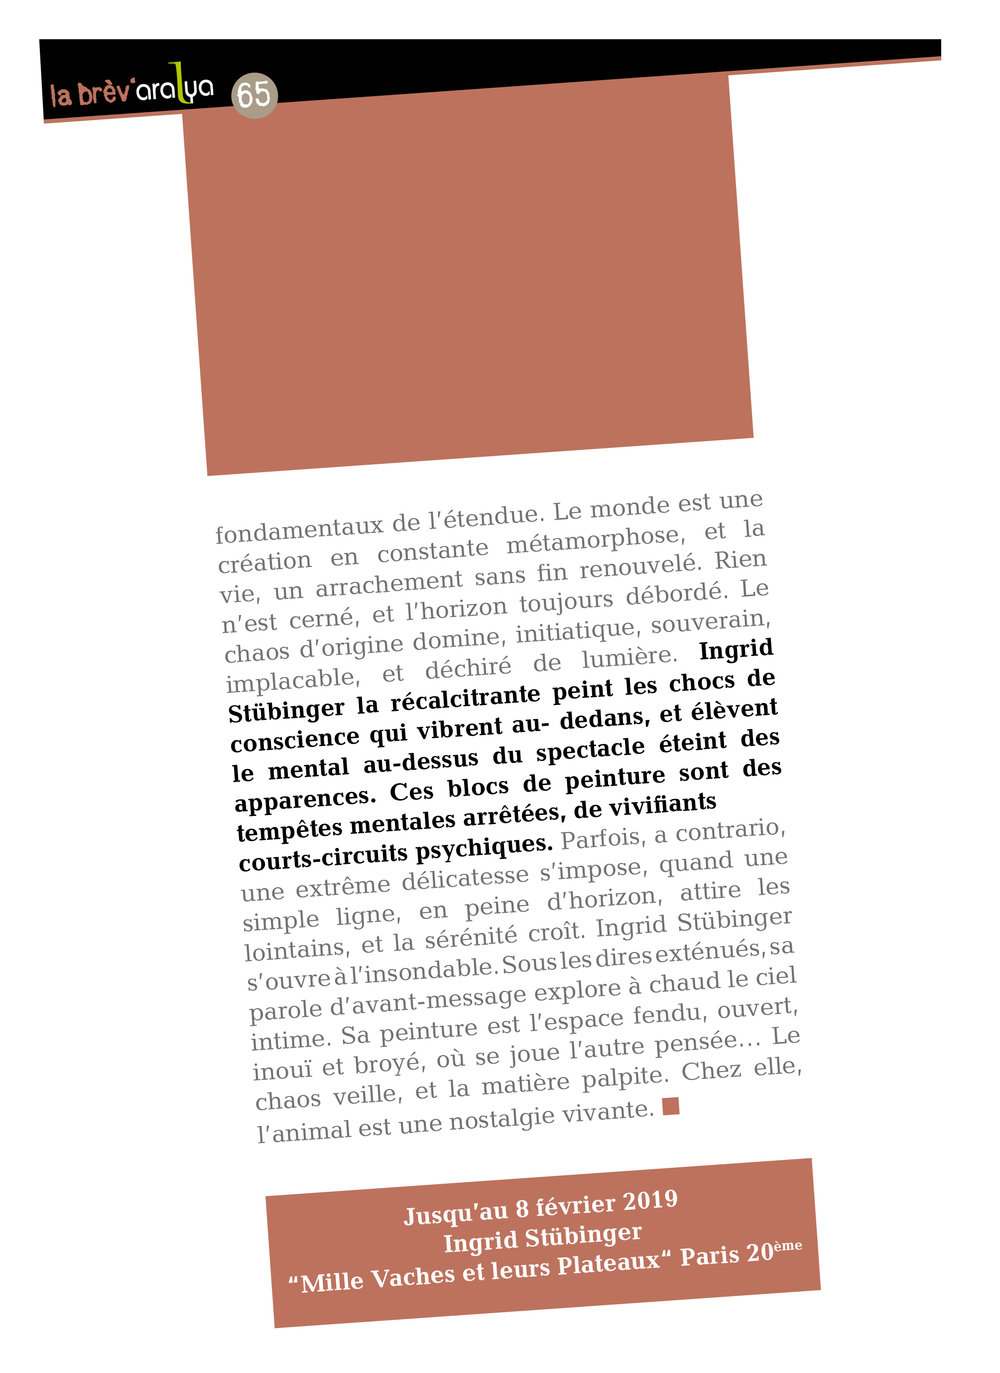 ARTICLE_STUBINGER-4.jpg